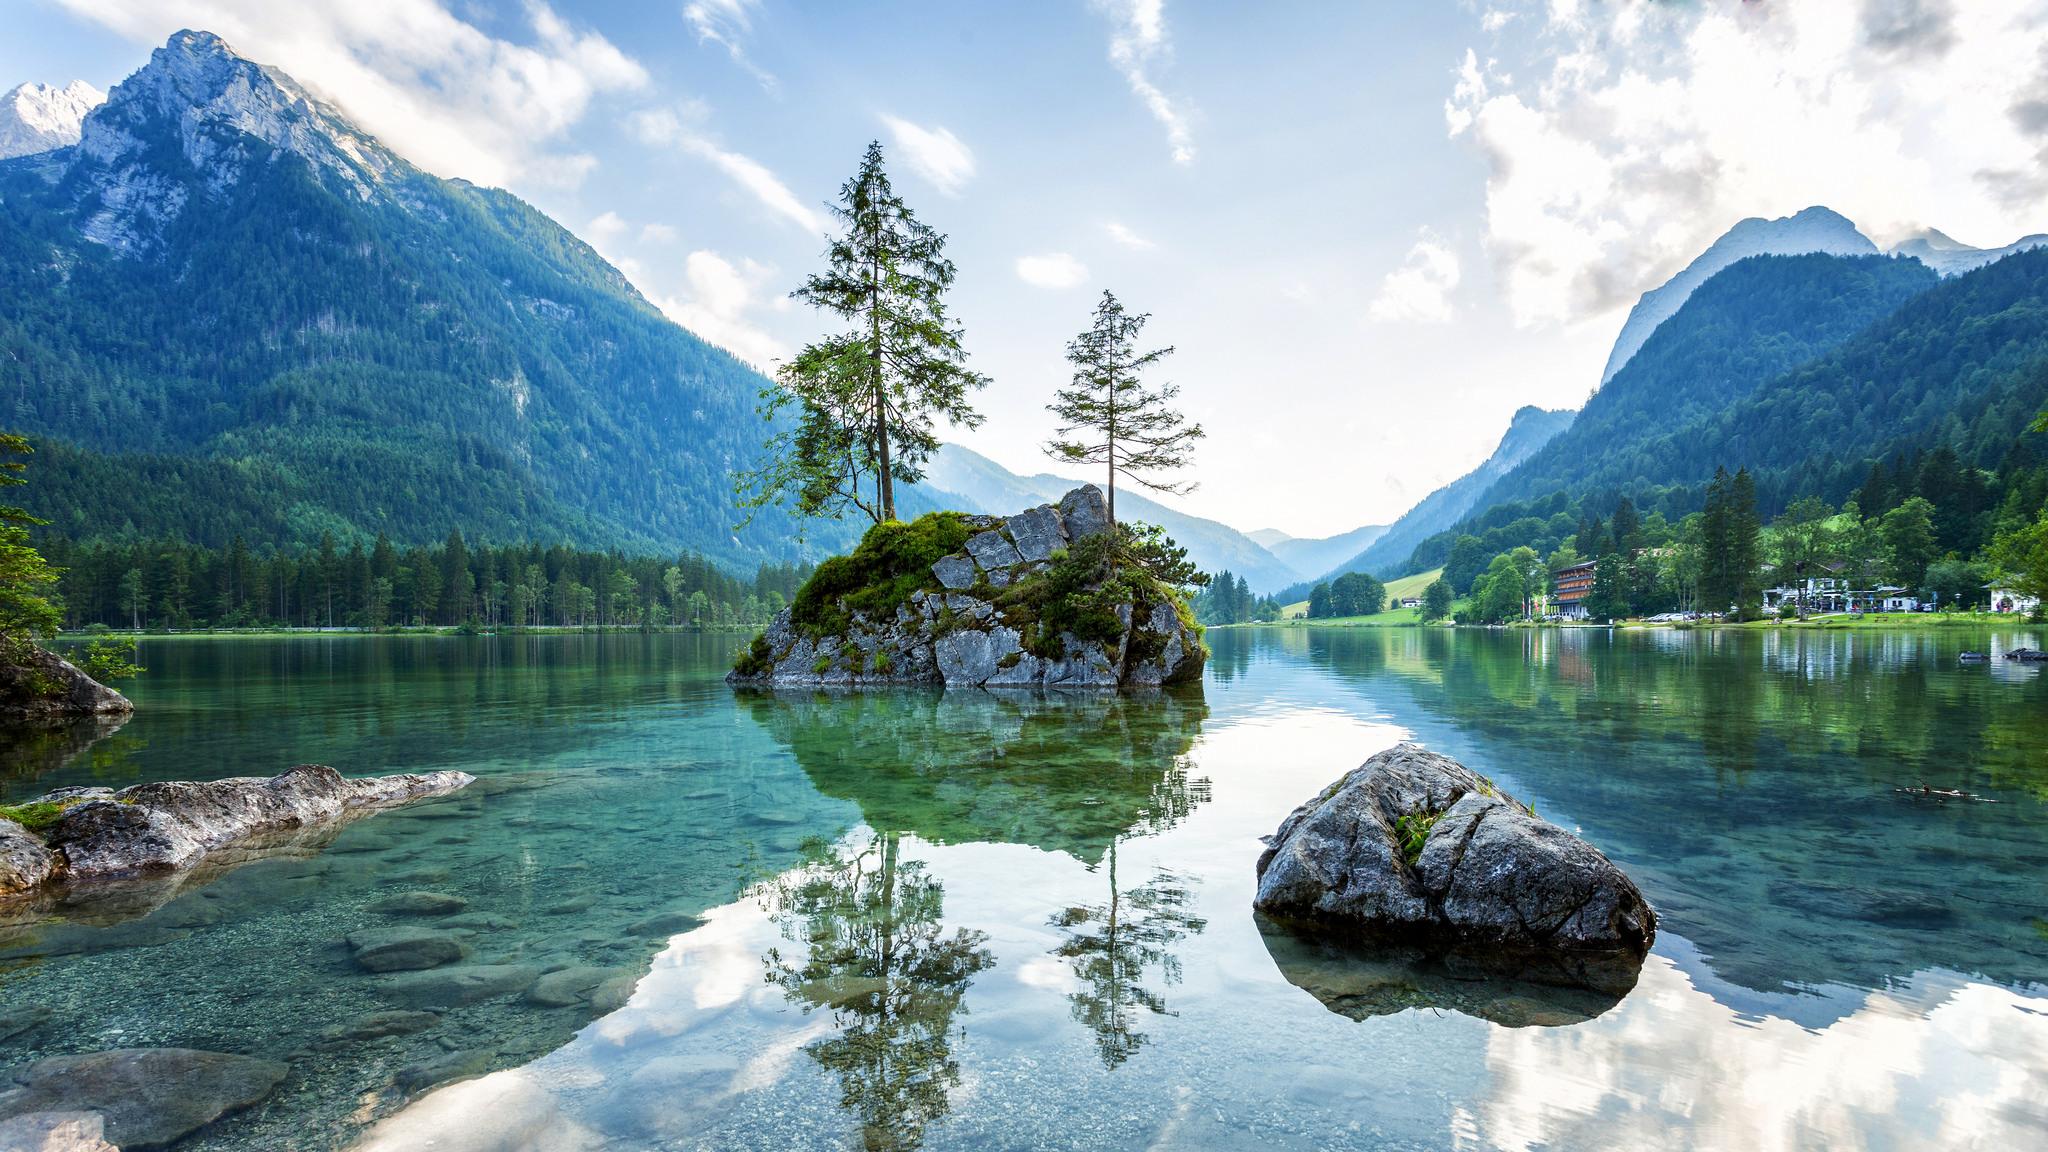 Loisach River, Wetterstein Mountains, Eschenlohe, Germany в хорошем качестве